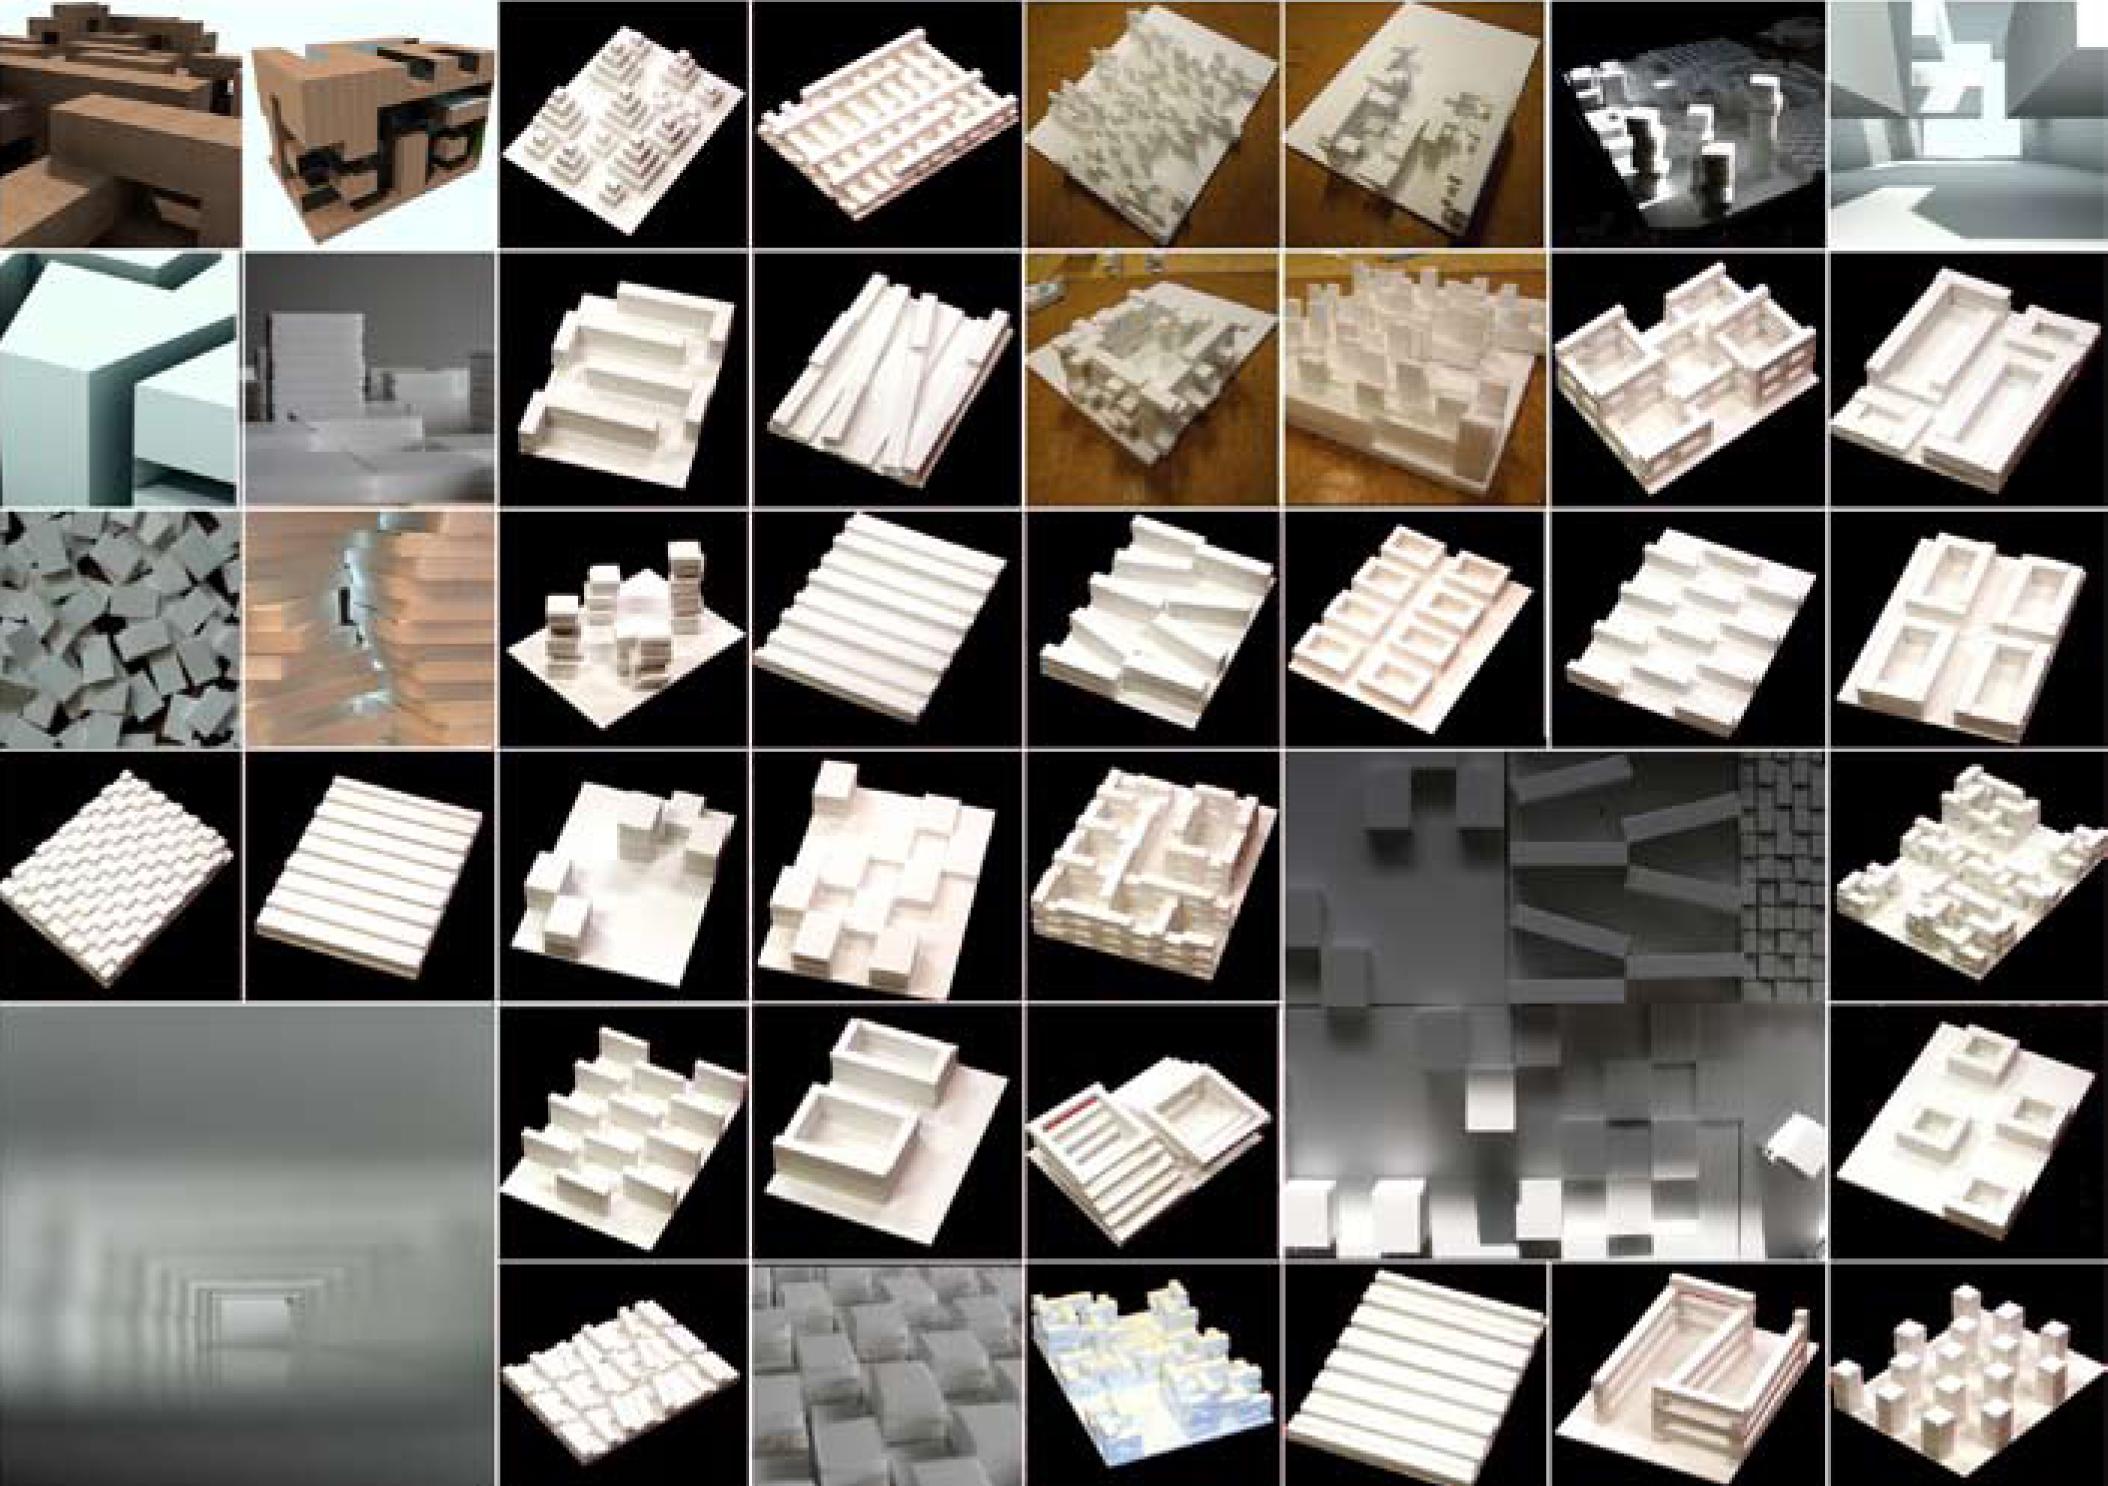 a513_steden-vol-ruimte_16